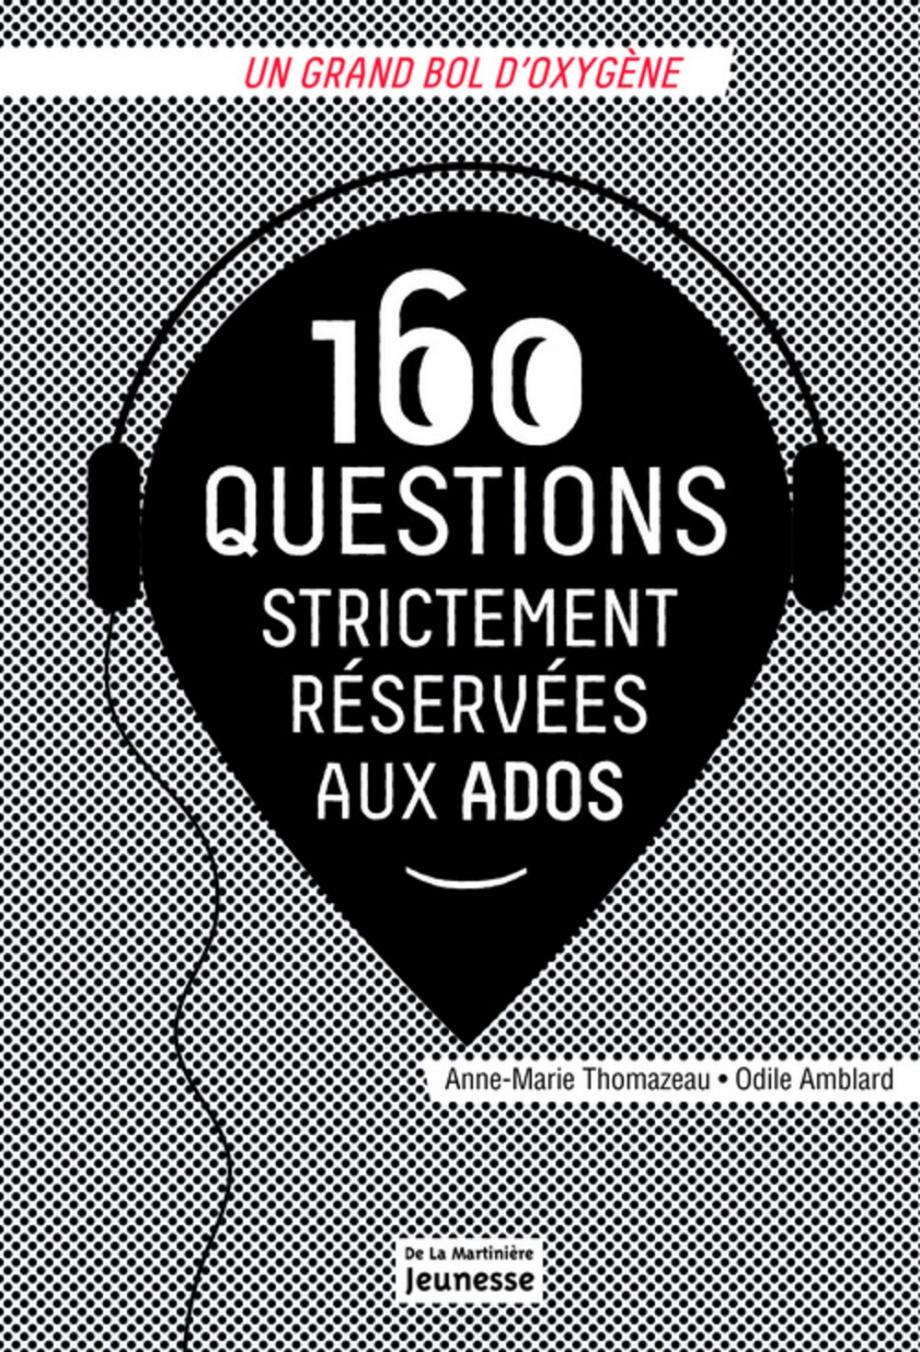 Image: 160 questions strictement réservées aux ados